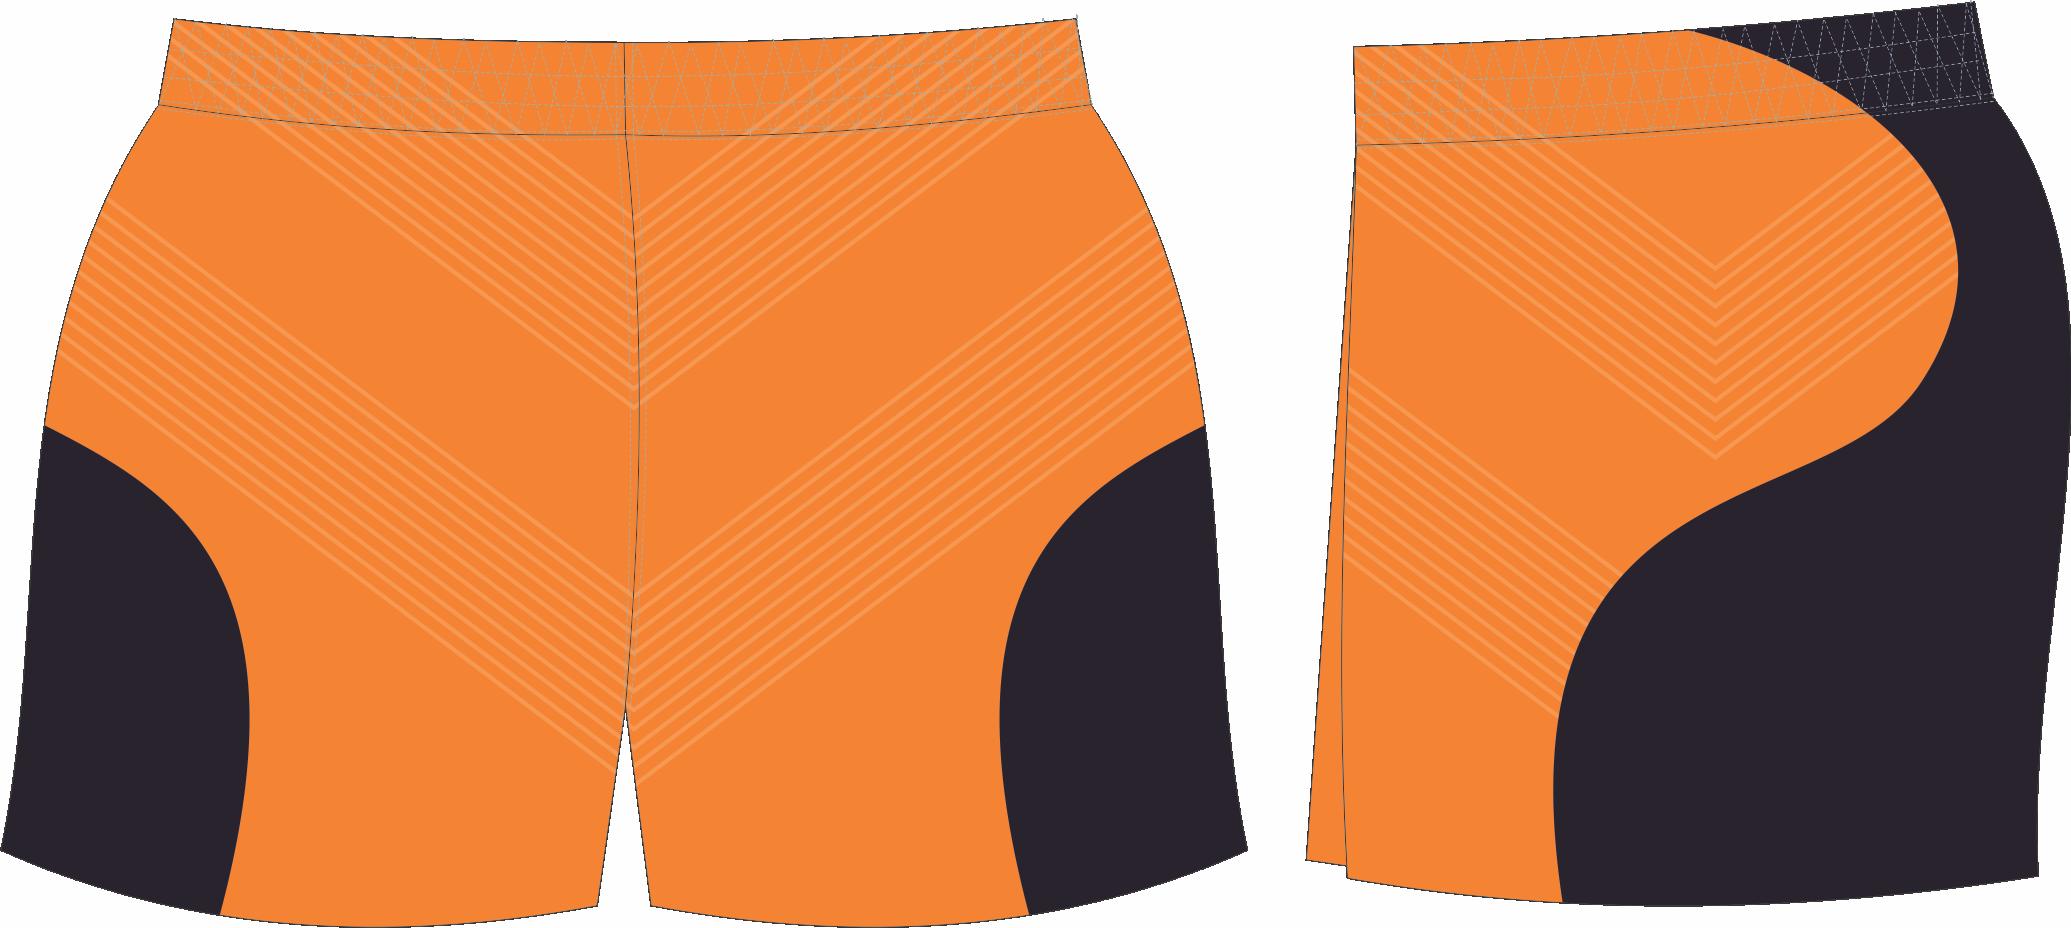 X304XSHT Orange Black.png